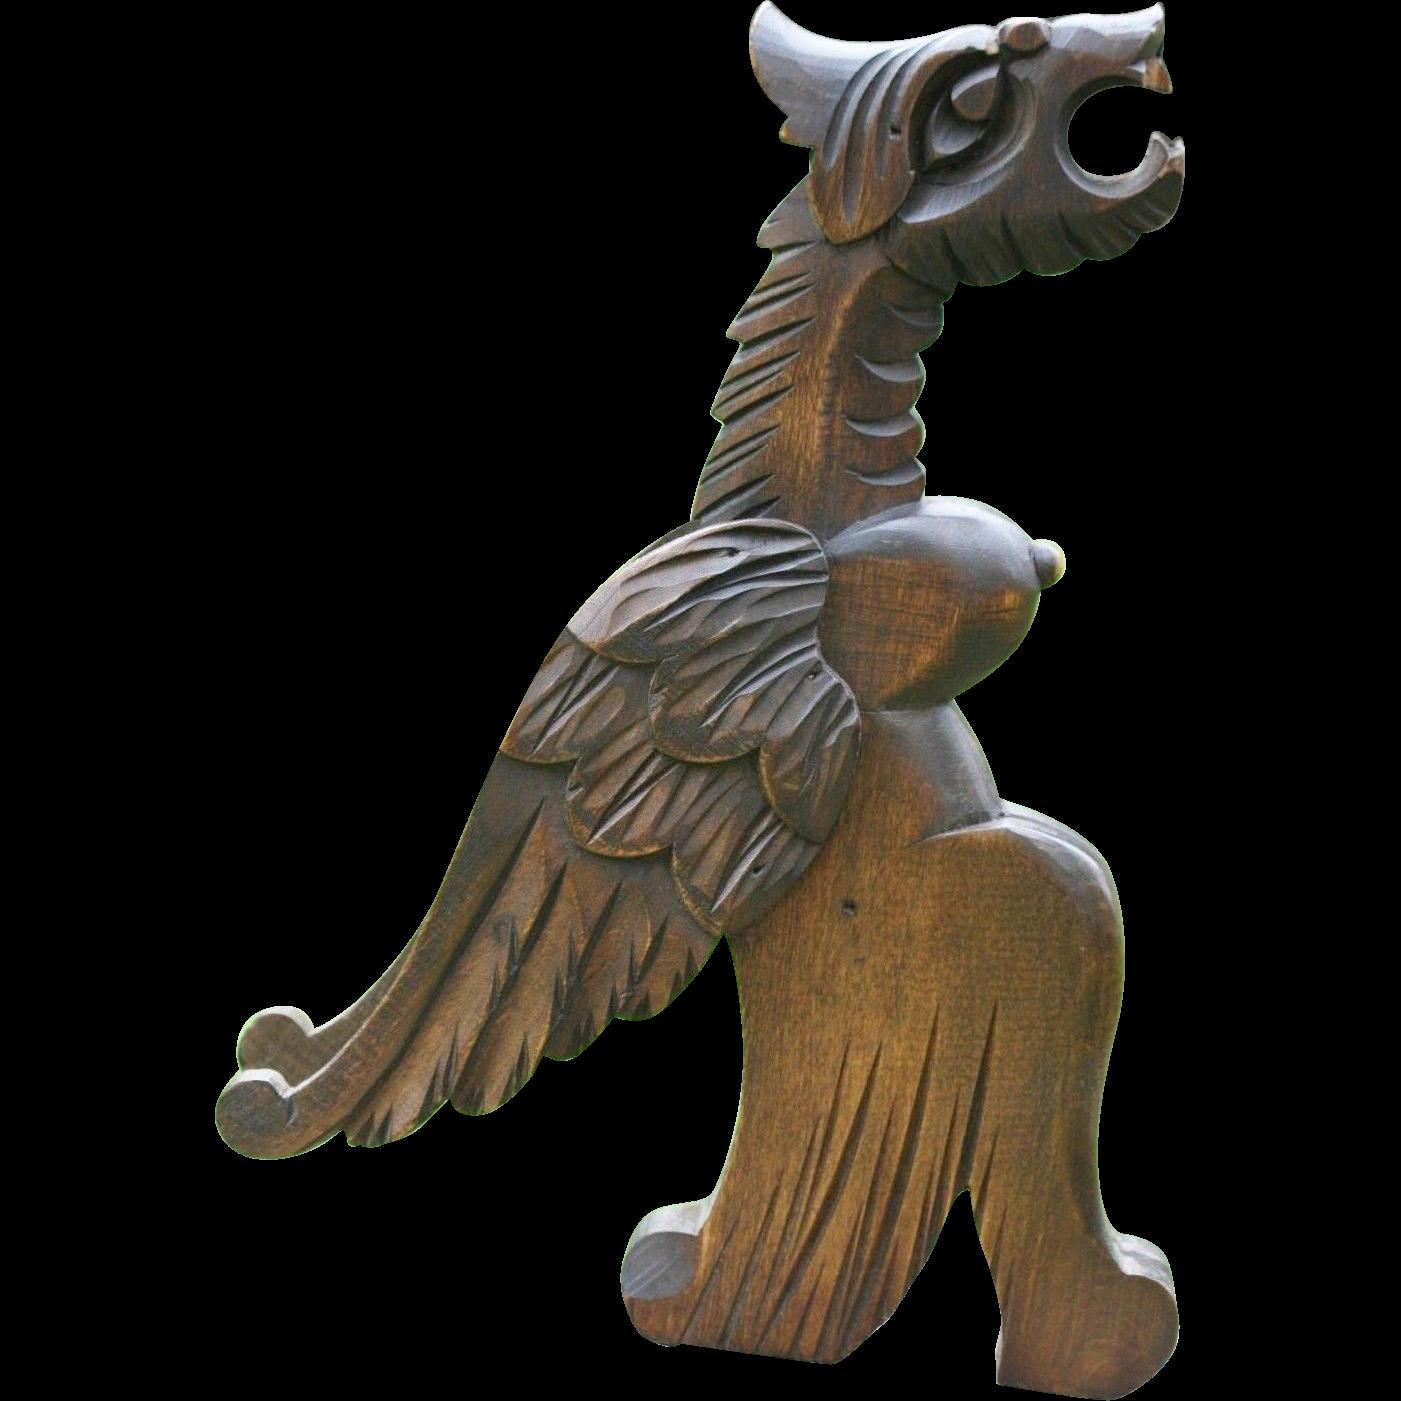 19th Century Gothic Wooden Winged Gargoyle Figure